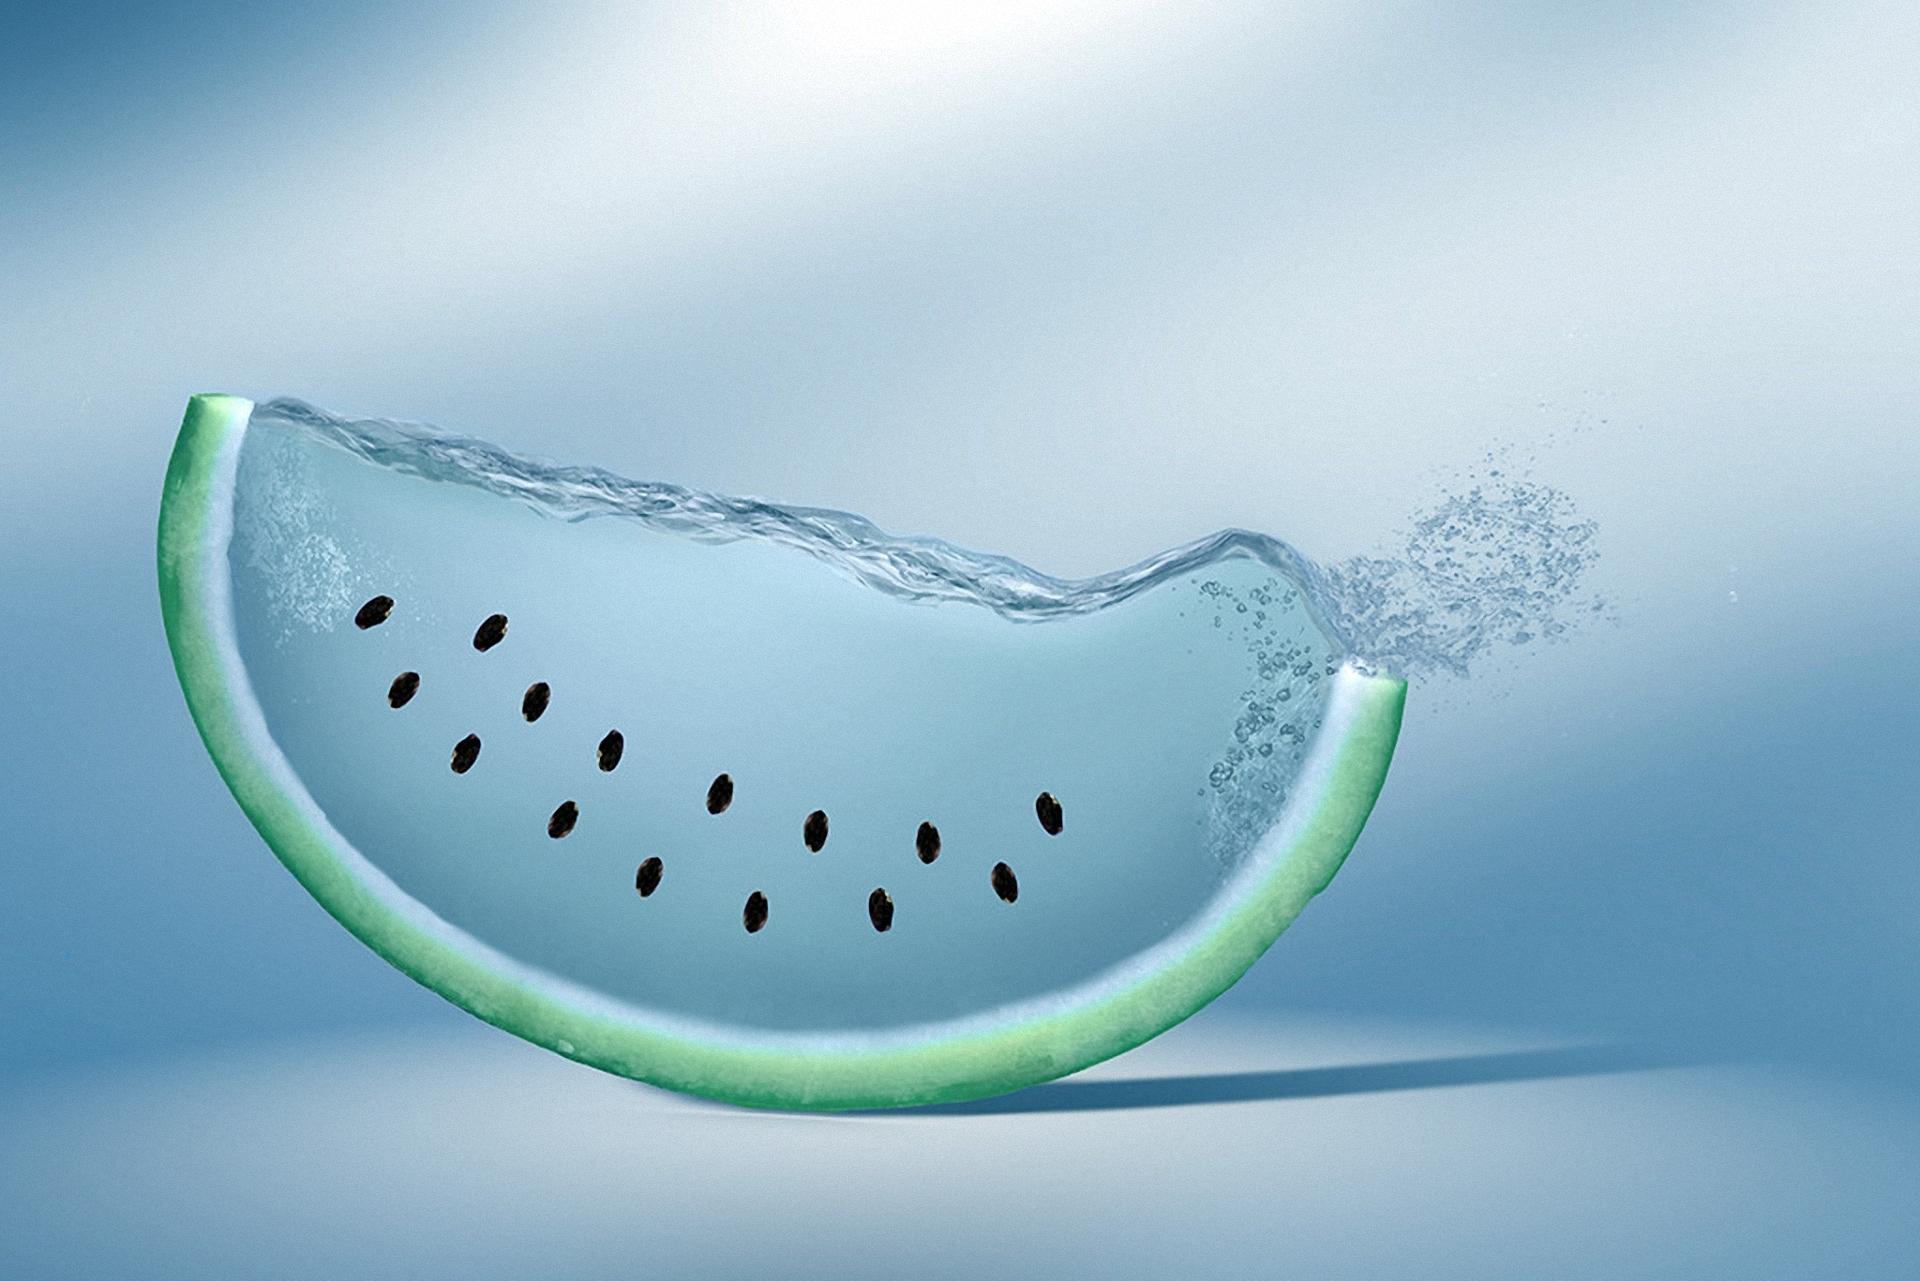 Water Design Wallpaper : Water hd wallpaper wallpapersafari